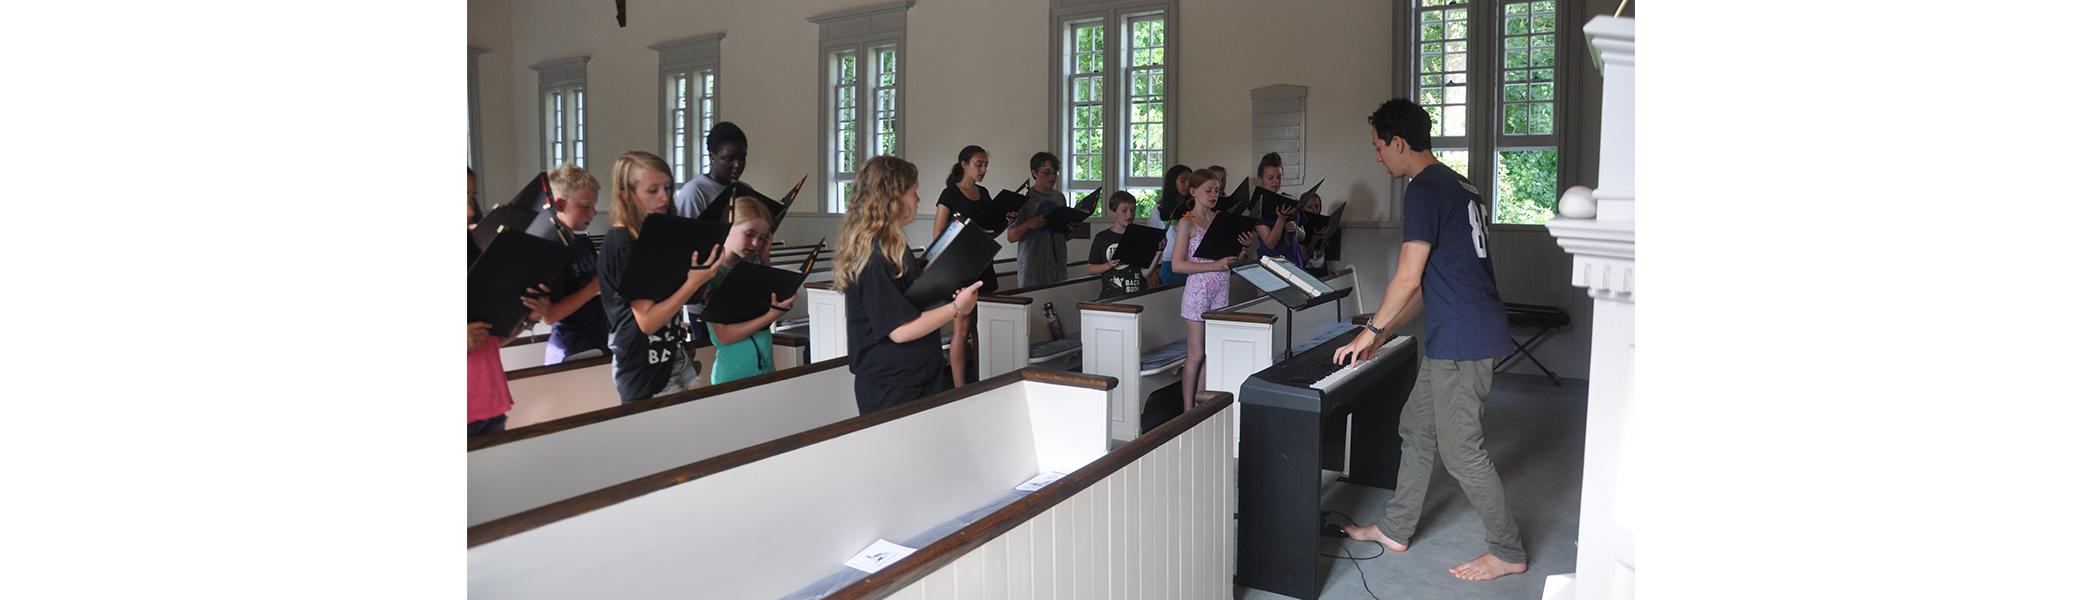 Slider Choir 3